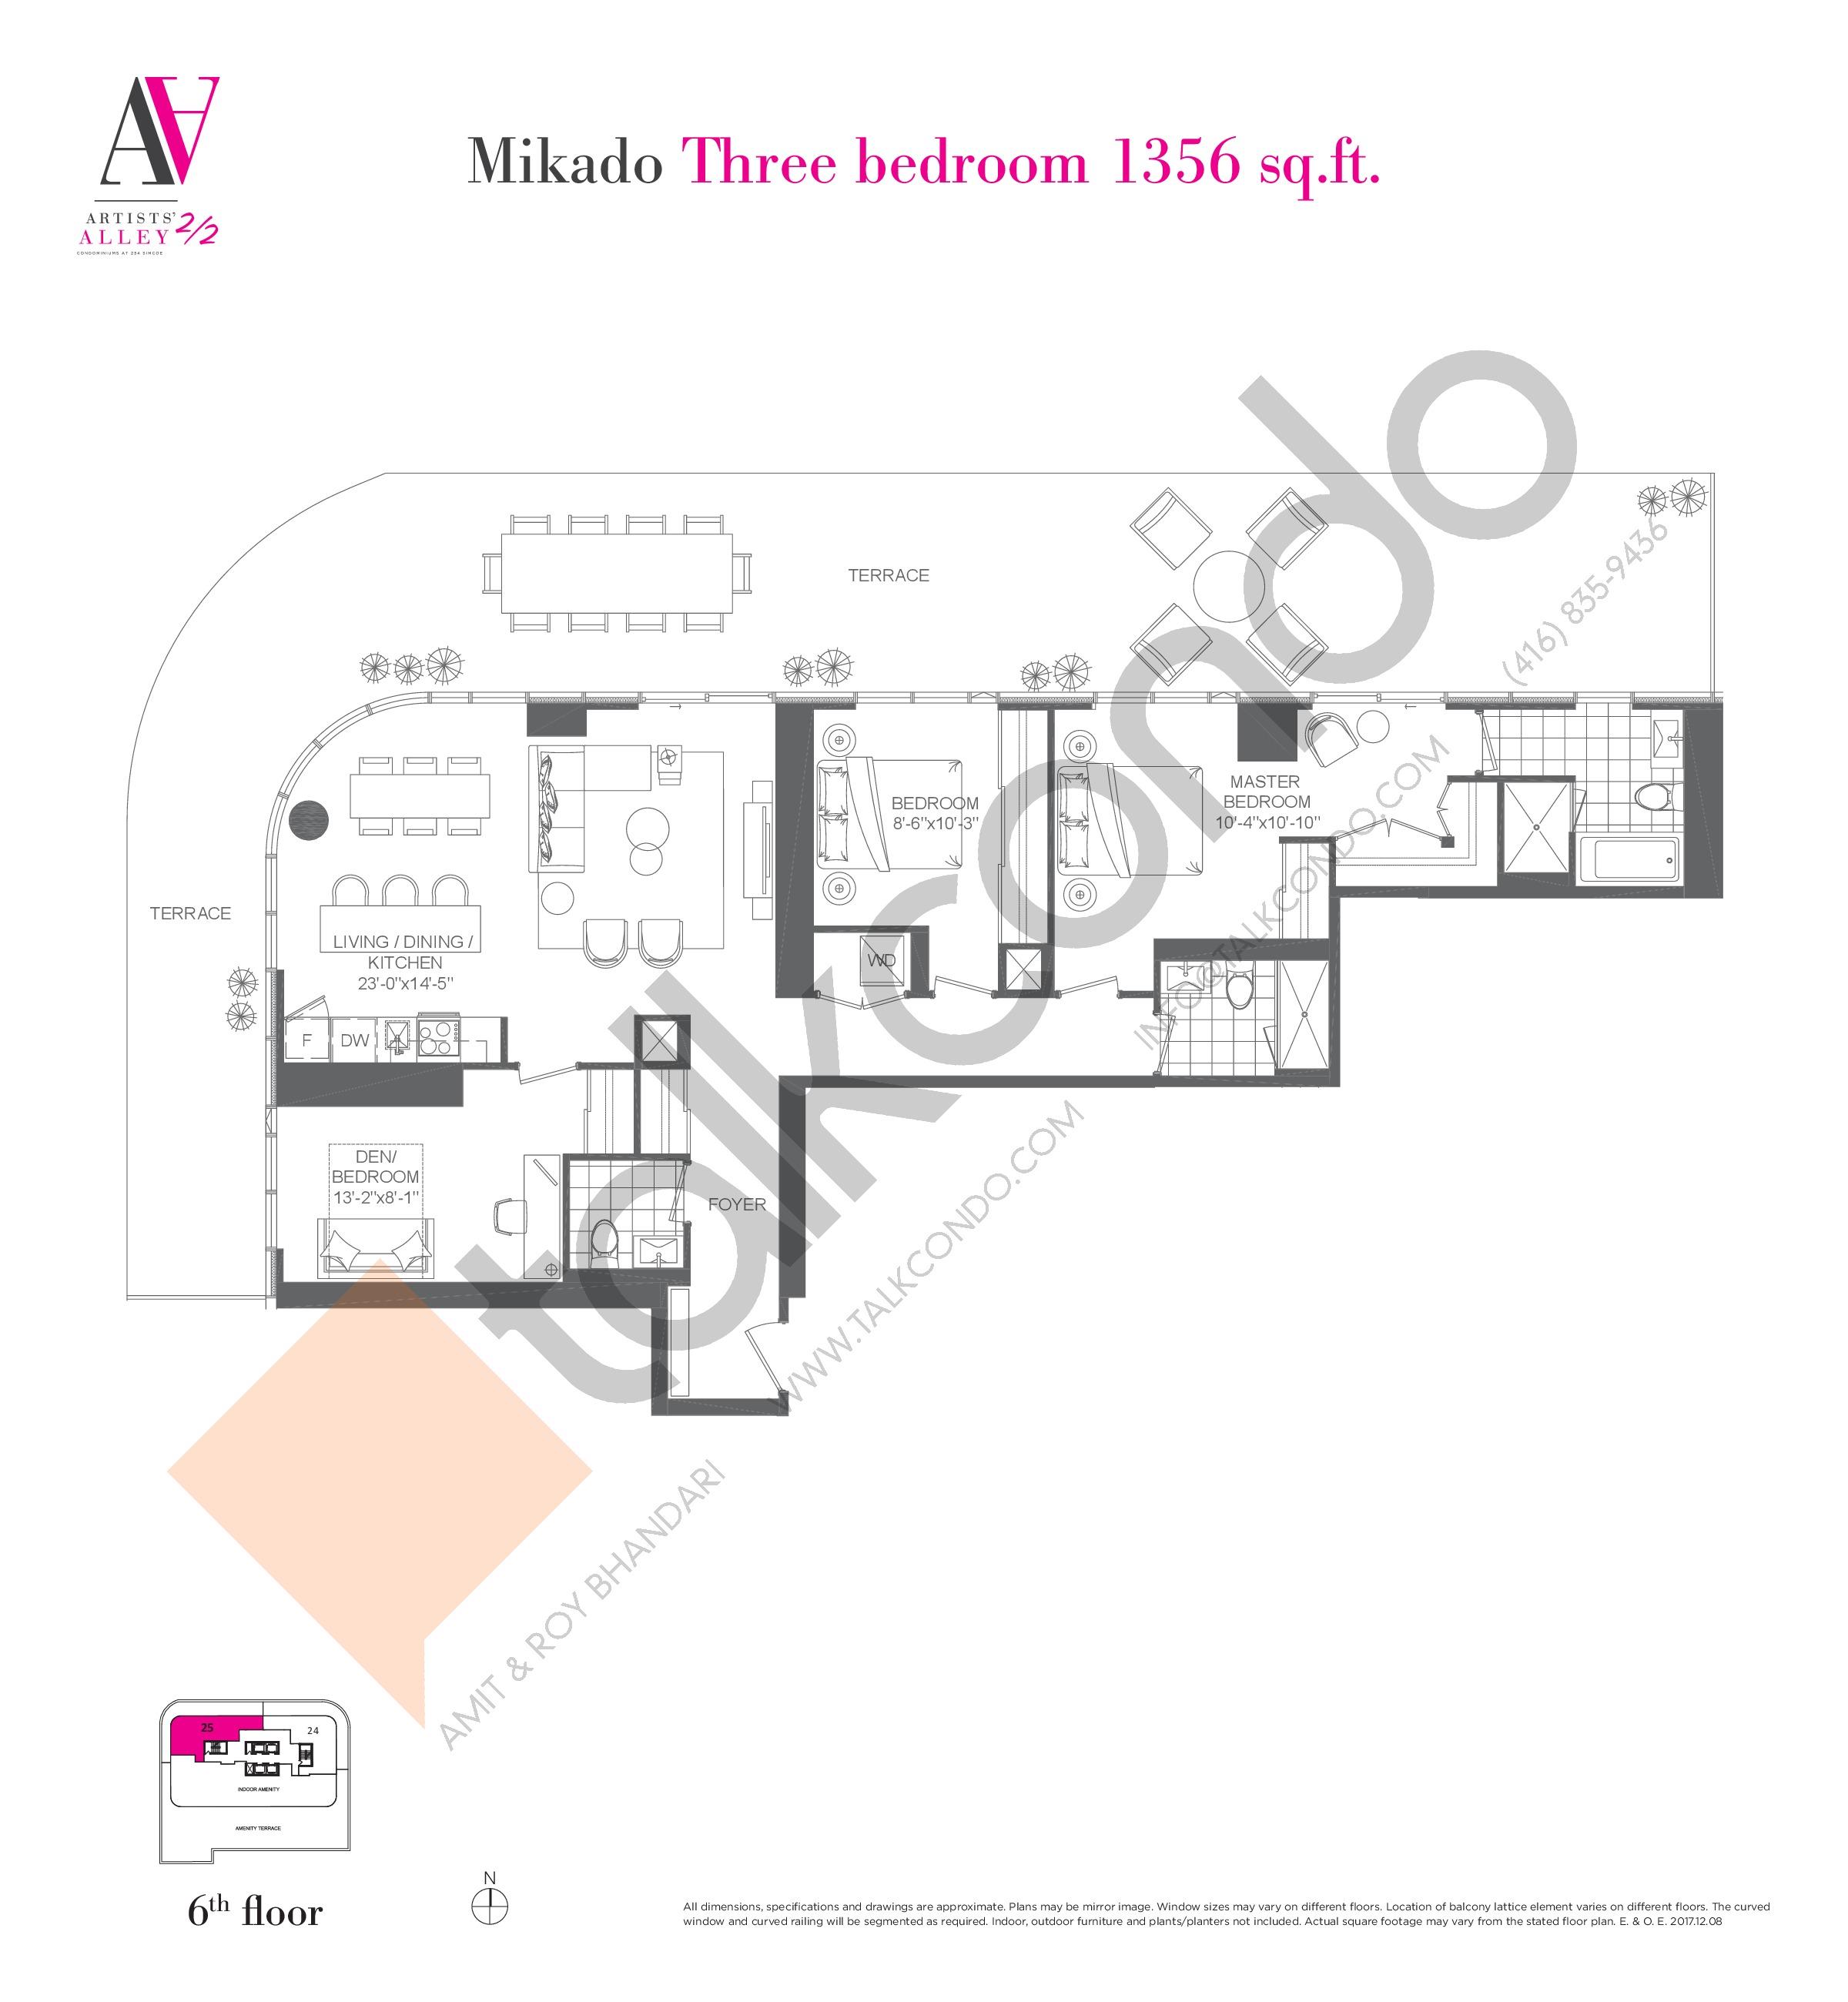 Mikado Floor Plan at Artists' Alley 2 Condos - 1356 sq.ft